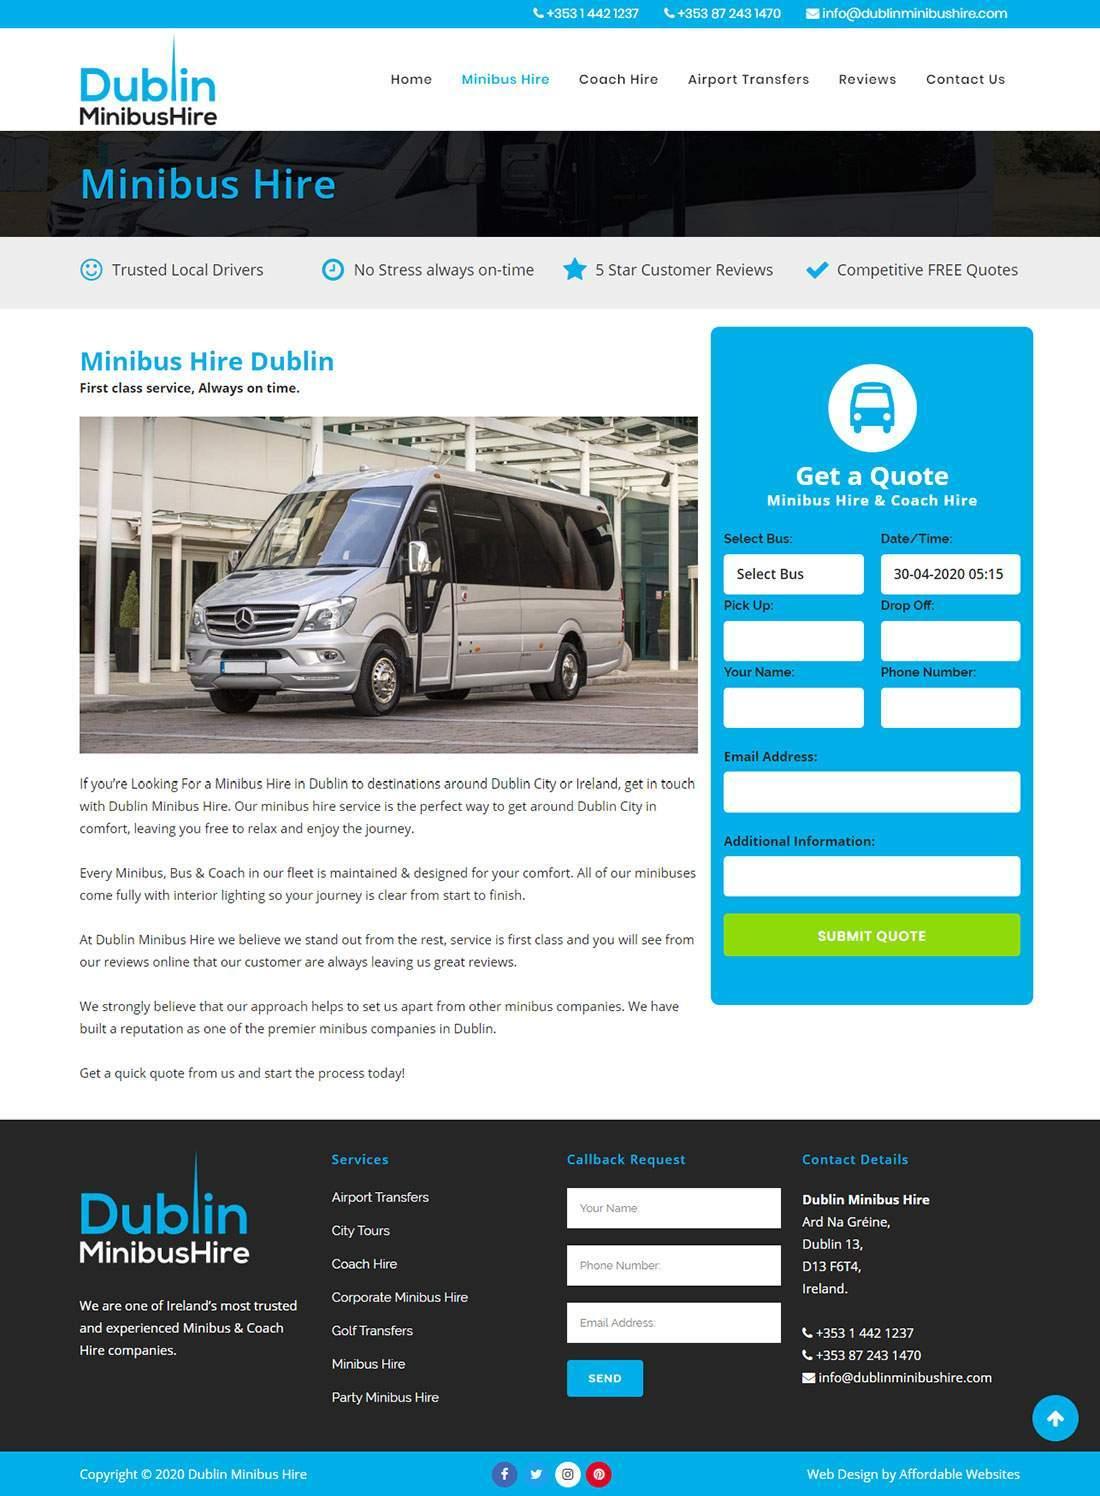 Minibus Hire Website Design